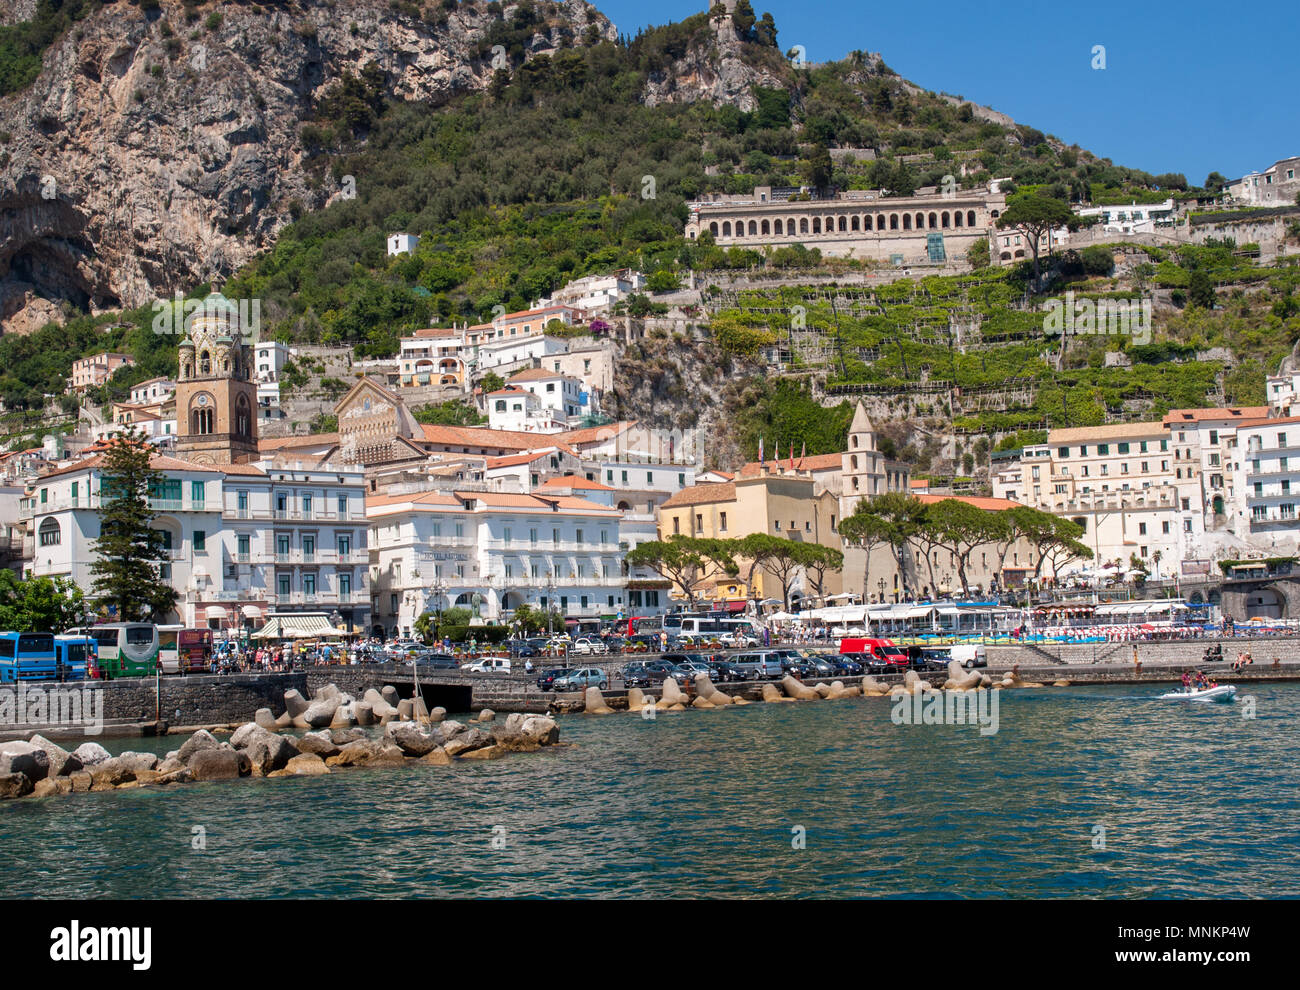 Amalfi, Italia - 13 Giugno 2017: vista di Amalfi. Amalfi è ...